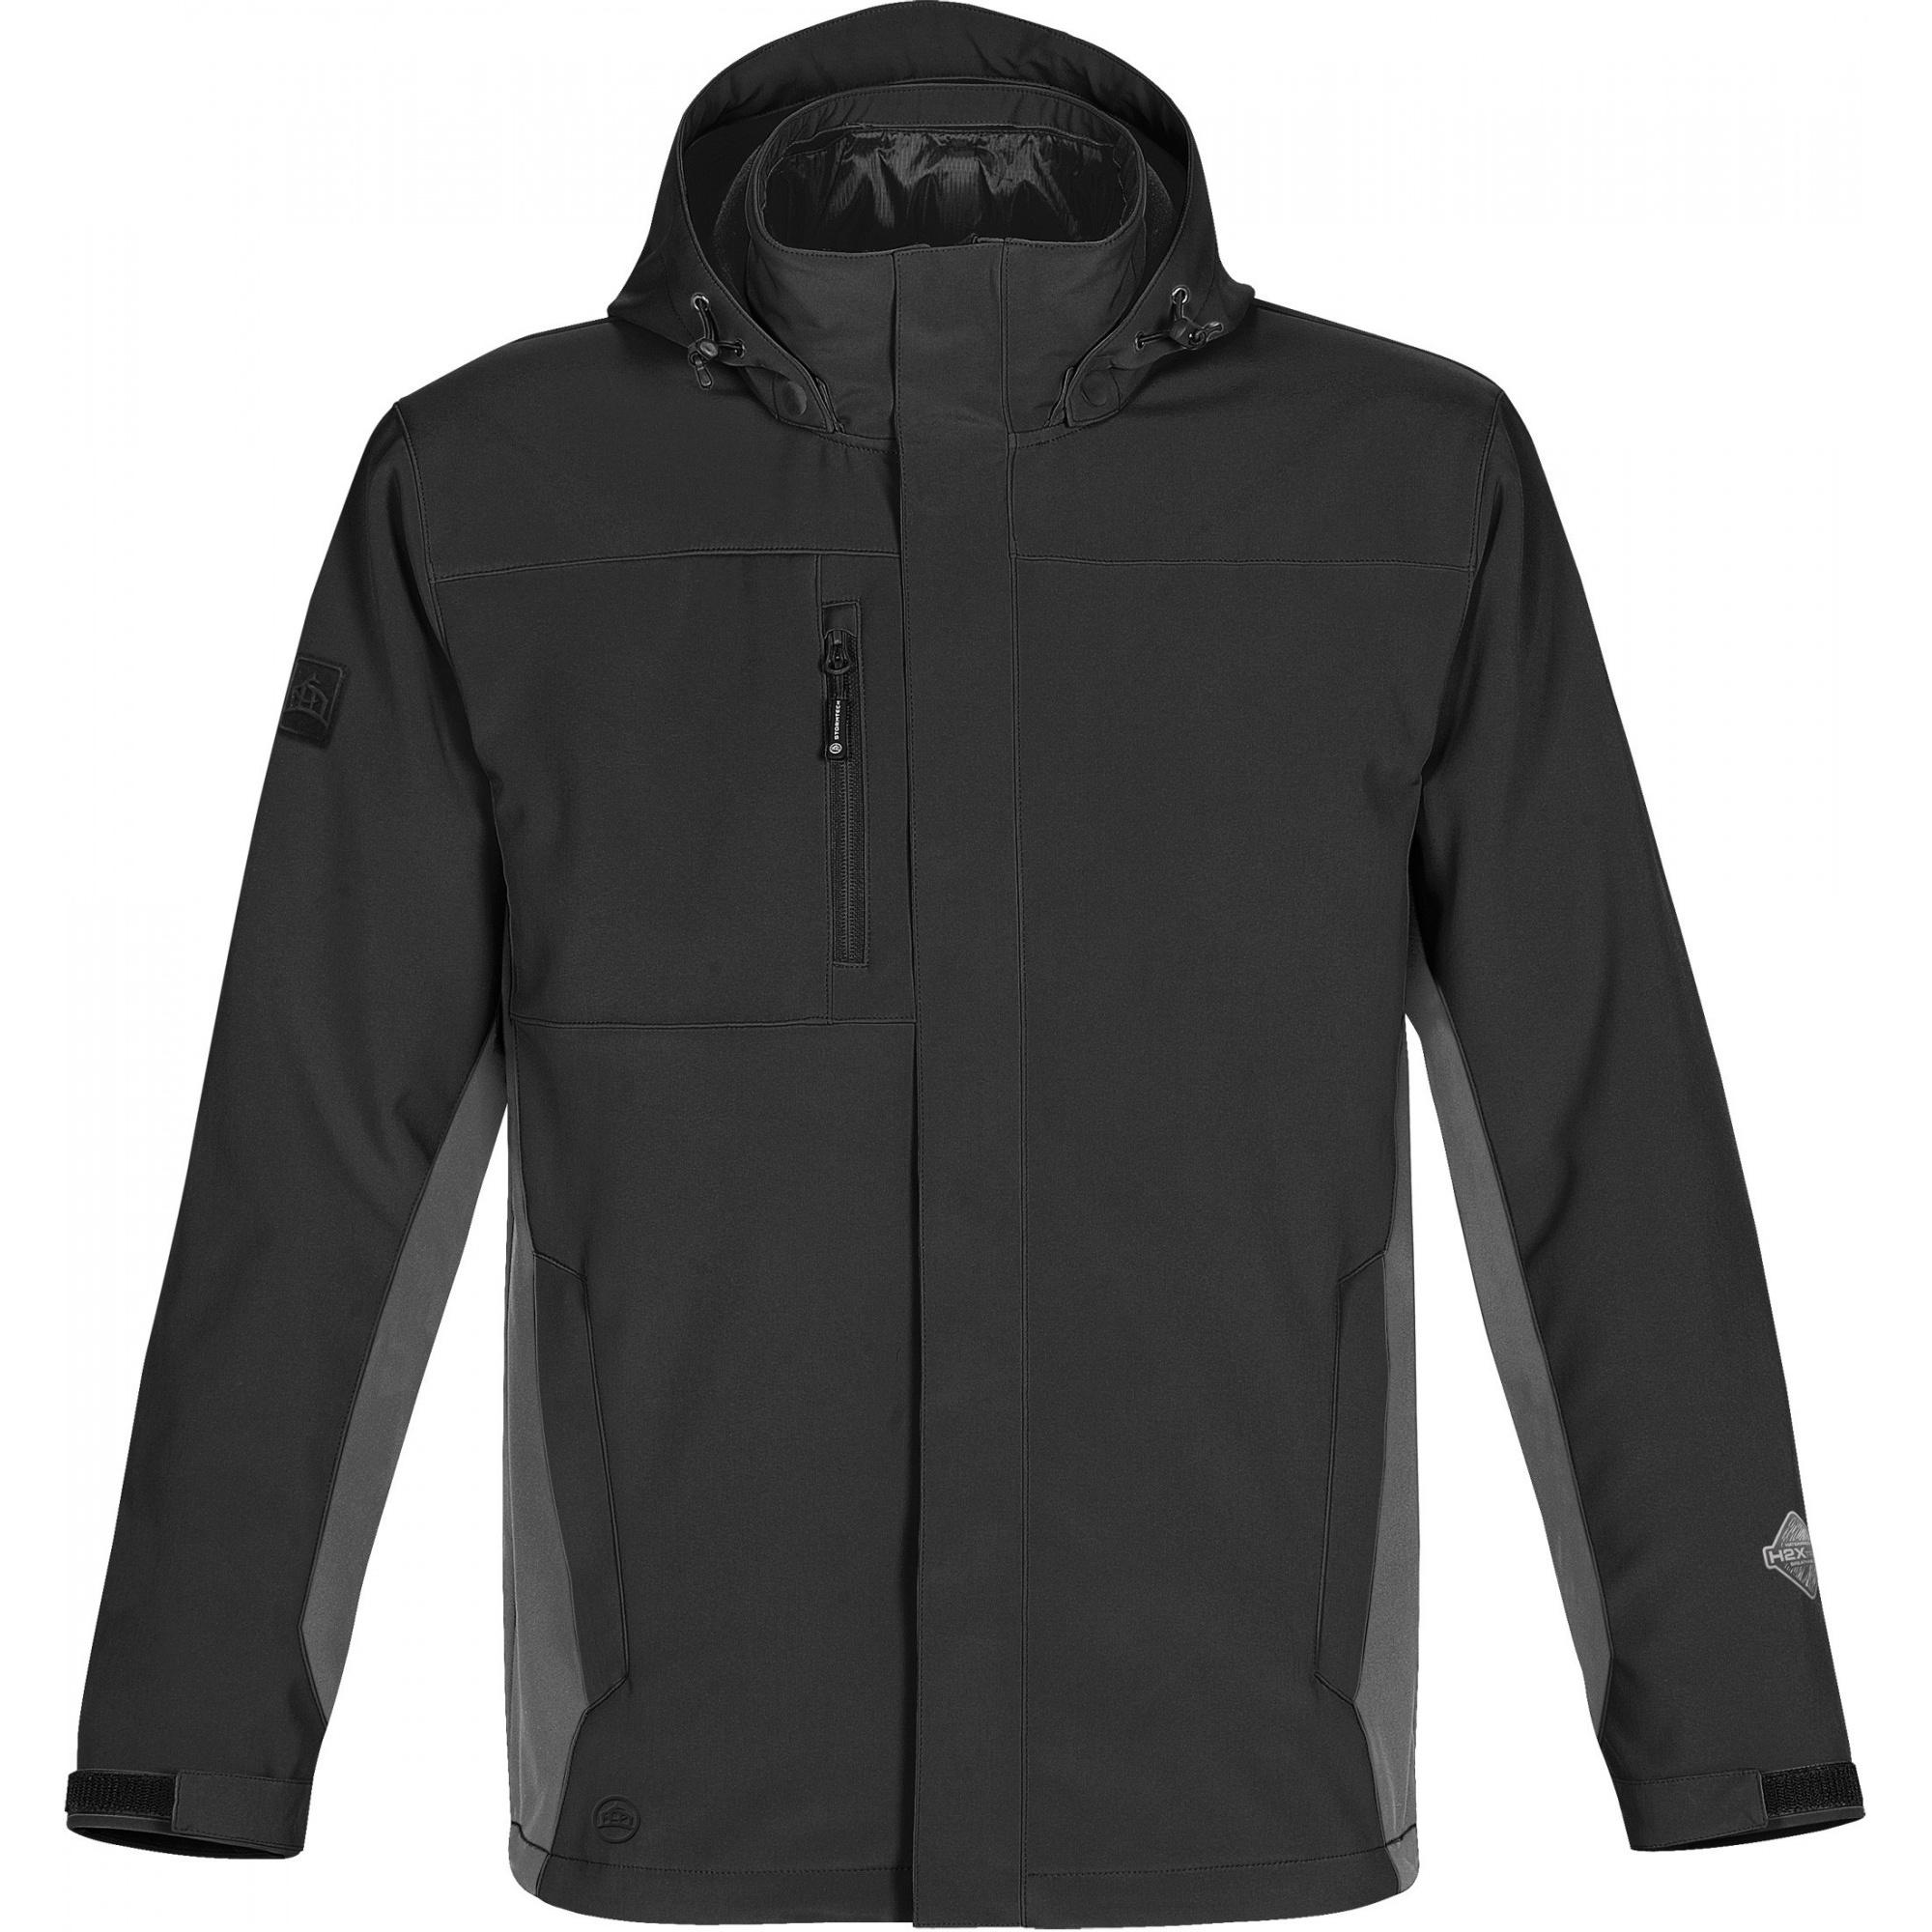 Stormtech Mens Atmosphere 3-in-1 Performance Jacket (Waterproof & Breathable) (S) (Black/ Granite)